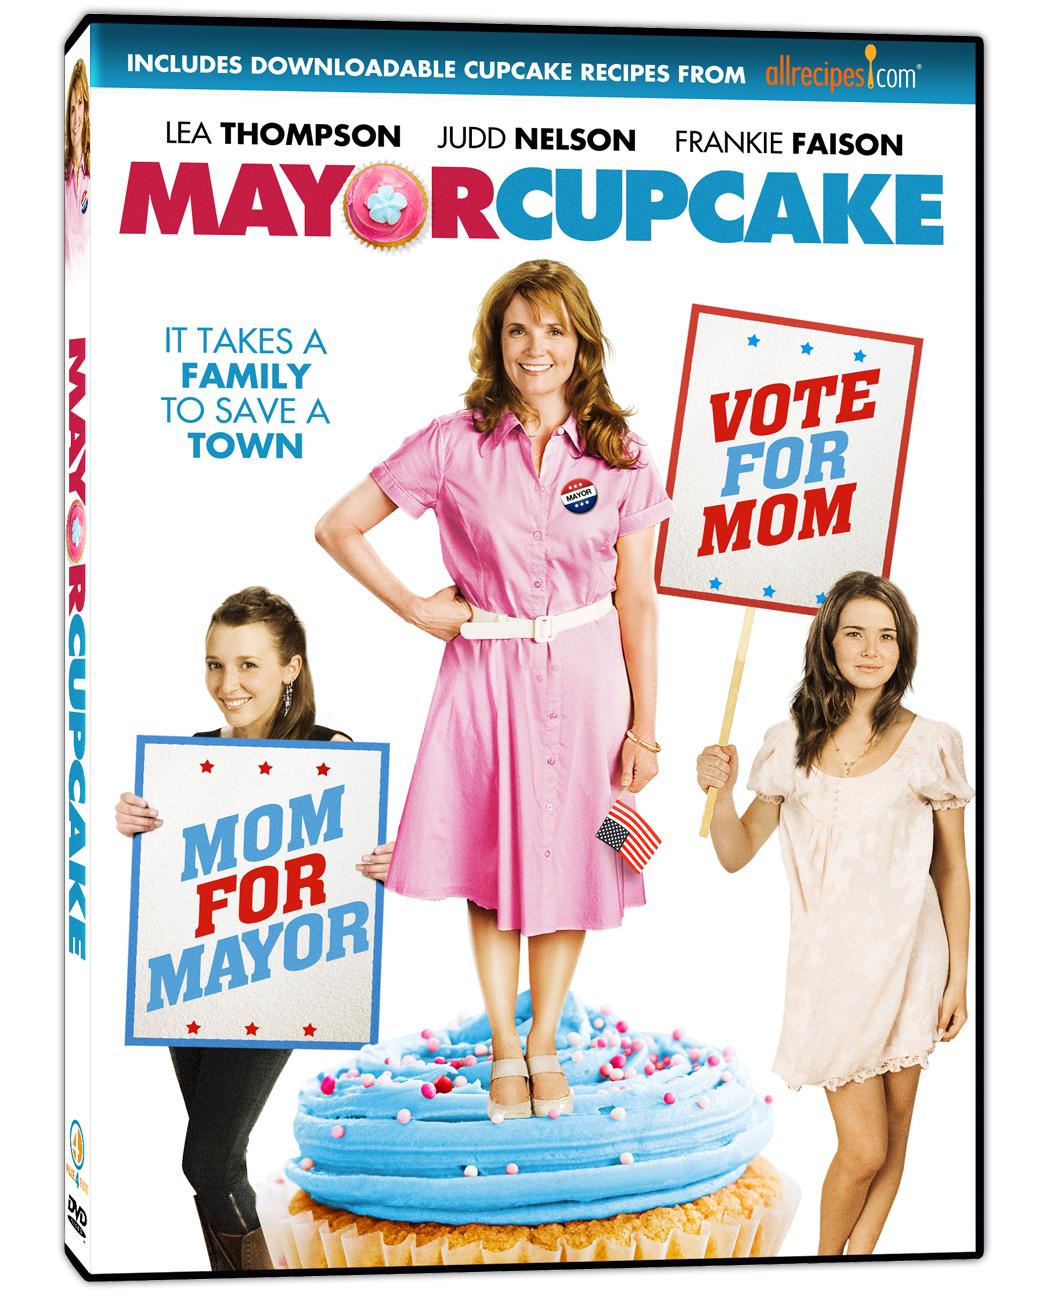 http://2.bp.blogspot.com/-2DXLWGd1Tgw/TiWd26Yky4I/AAAAAAAAAS0/0wjFIji6O7Y/s1600/Mayor+Cupcake+DVD.jpg